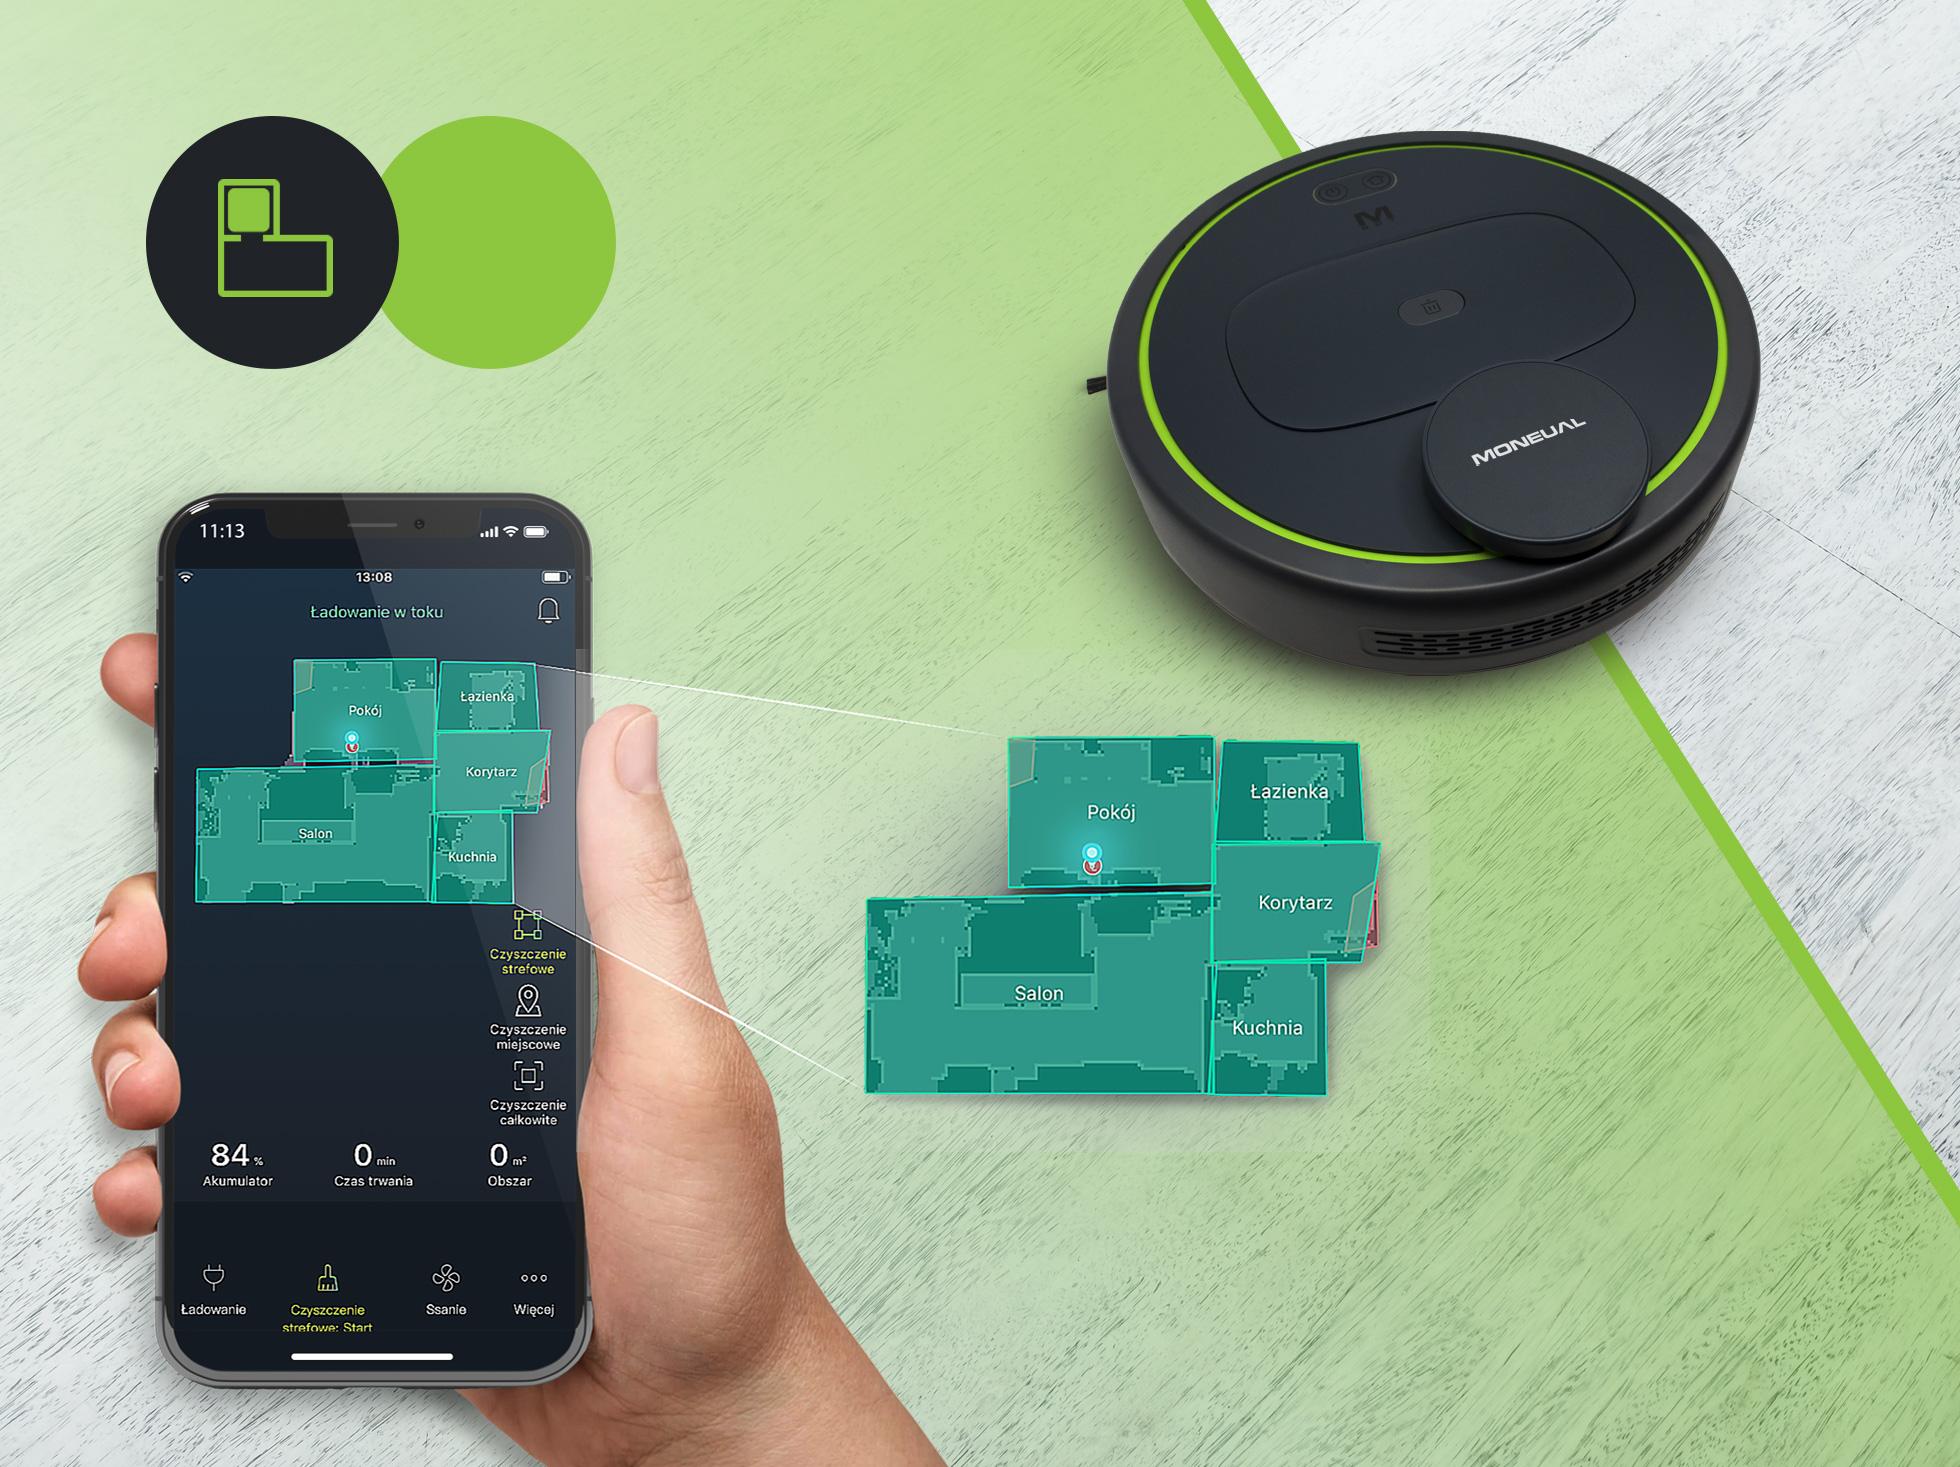 Wygodna i przejrzysta aplikacja w języku polskim, ułatwi ci streowanie automatycznym robotem.